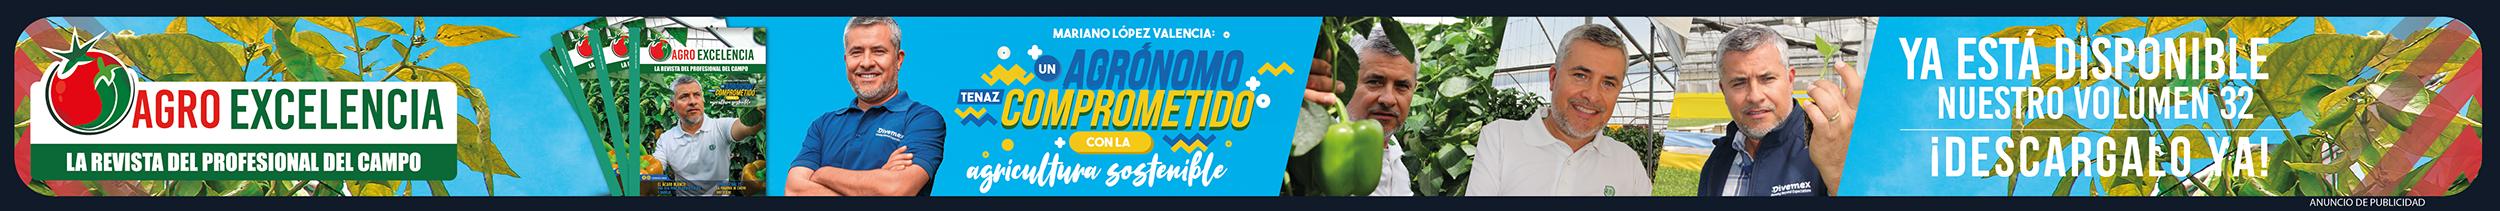 https://agroexcelencia.com/wp-content/uploads/2020/03/Slide-anuncio_1.png